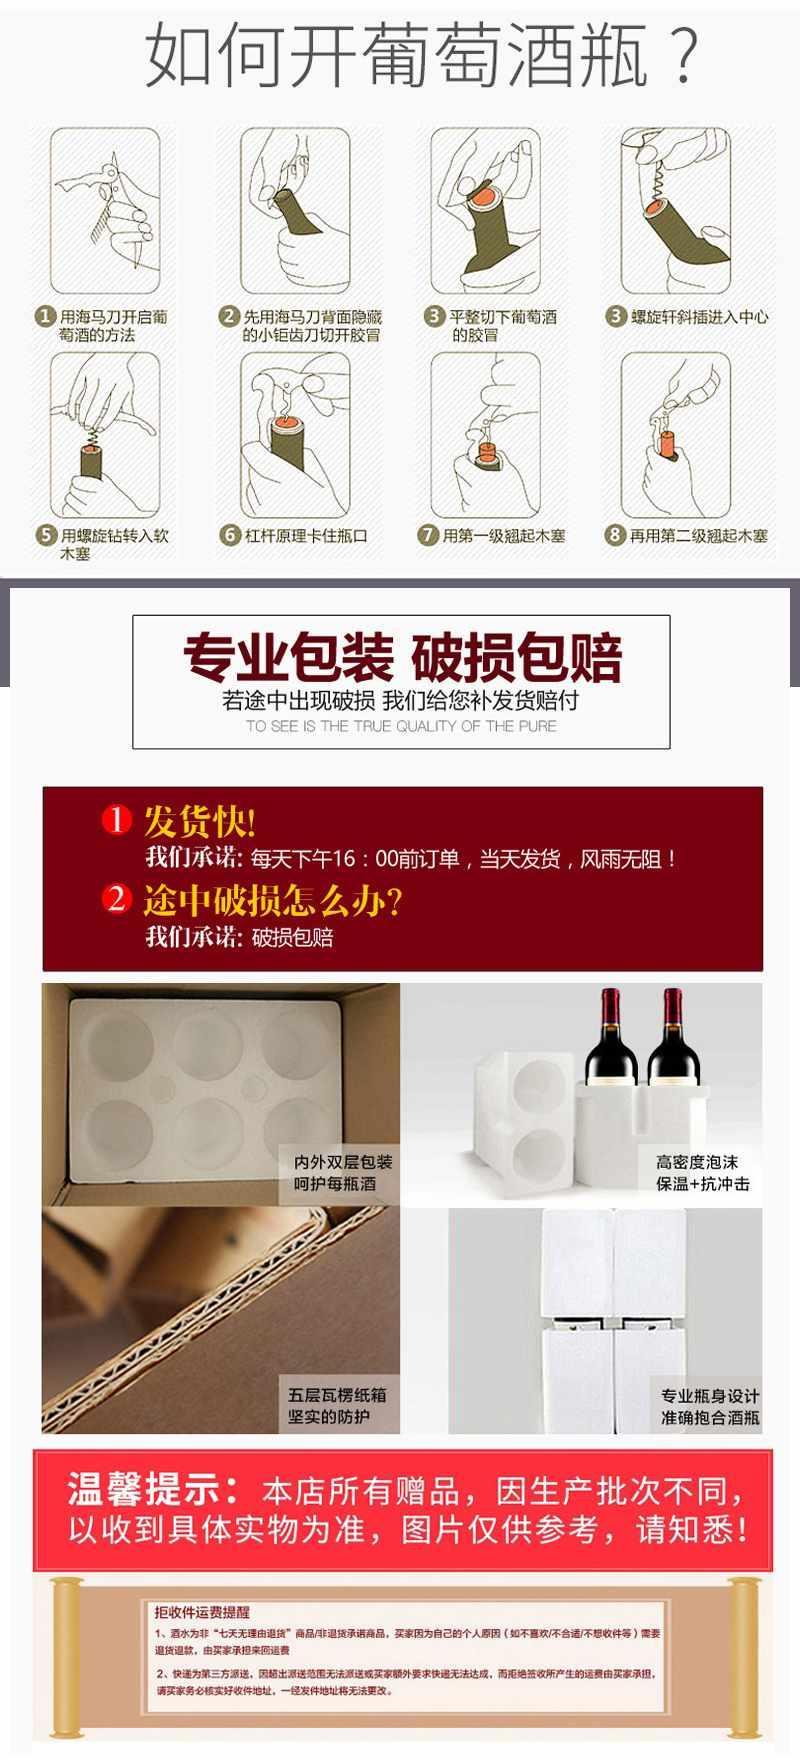 01-星蔓臻藏-赤霞珠干红葡萄酒_11.jpg